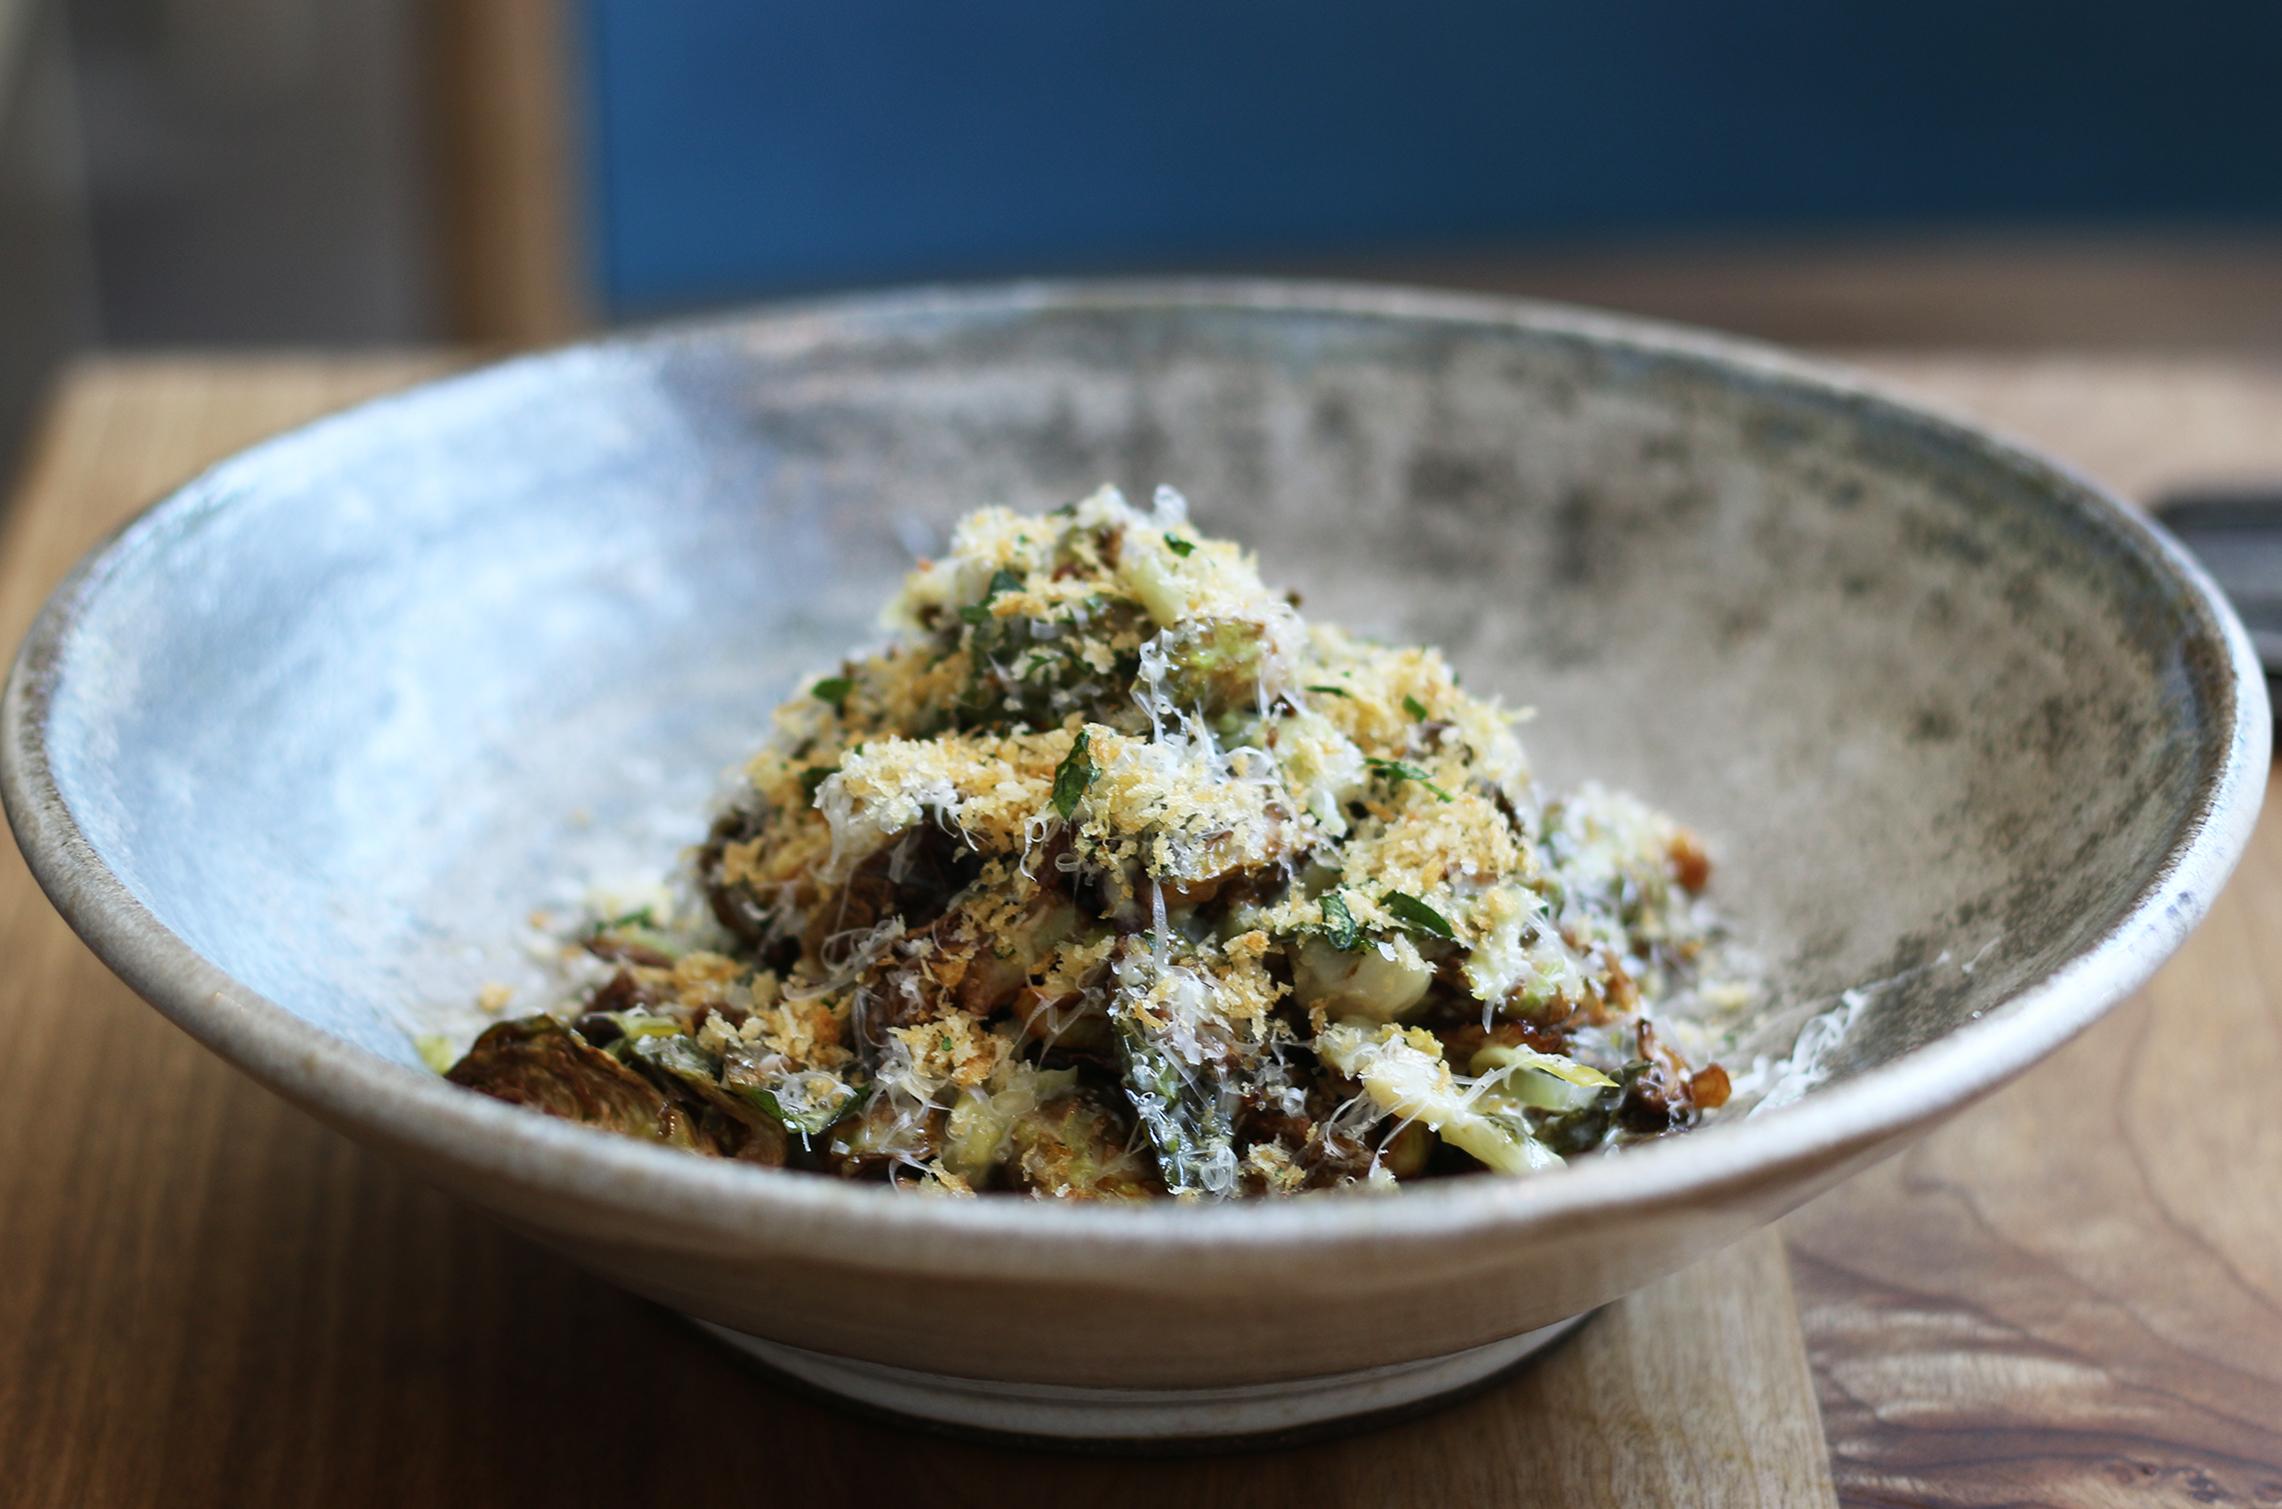 Brusela: roasted & fermented, brussels sprouts, garum vinagreta, idiazabel migas